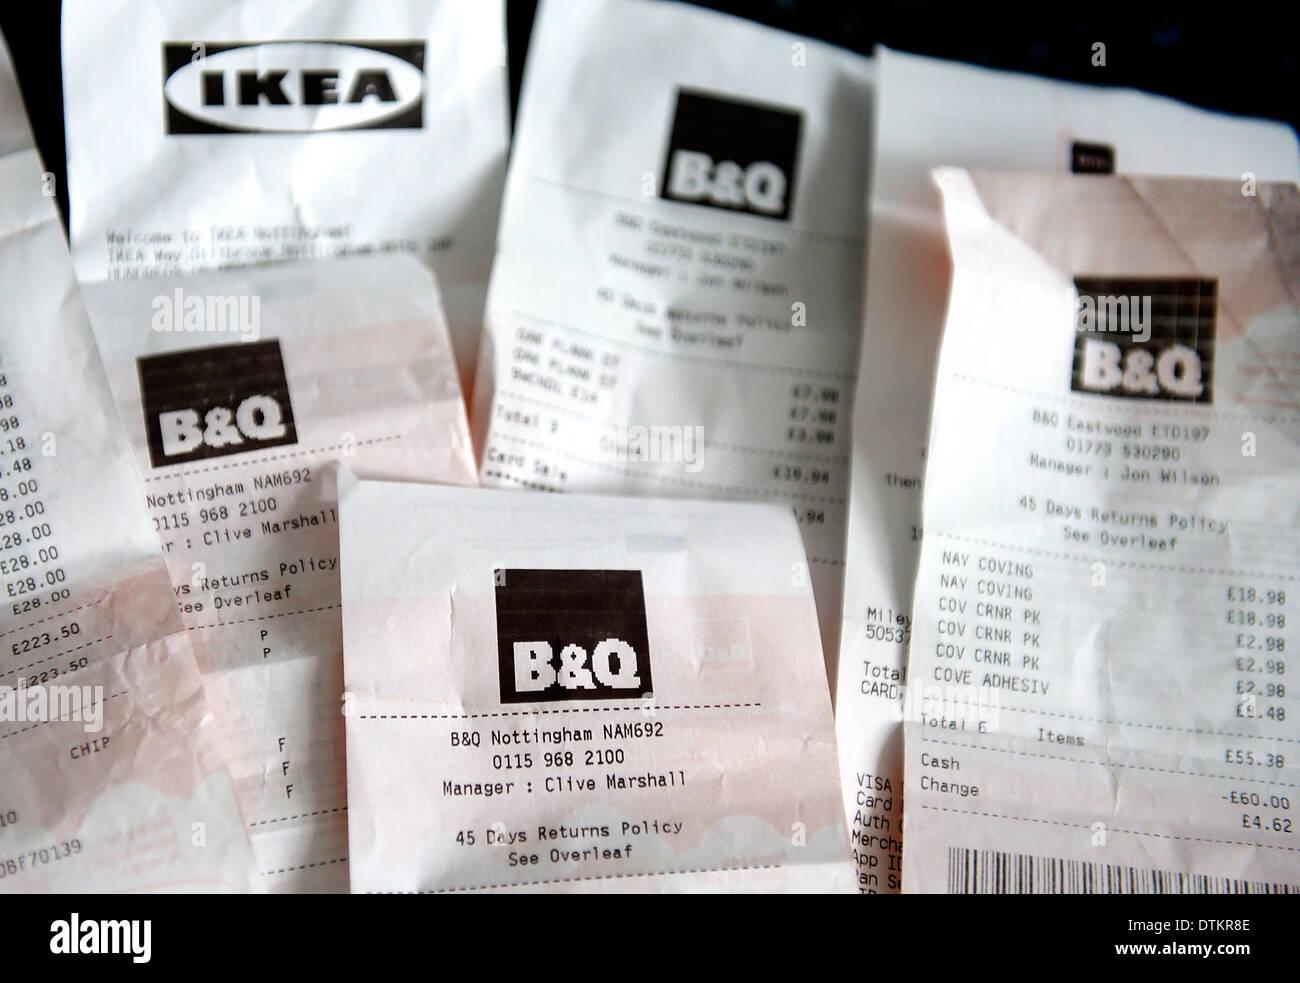 Les reçus d'achats Ikea et B & Q Photo Stock